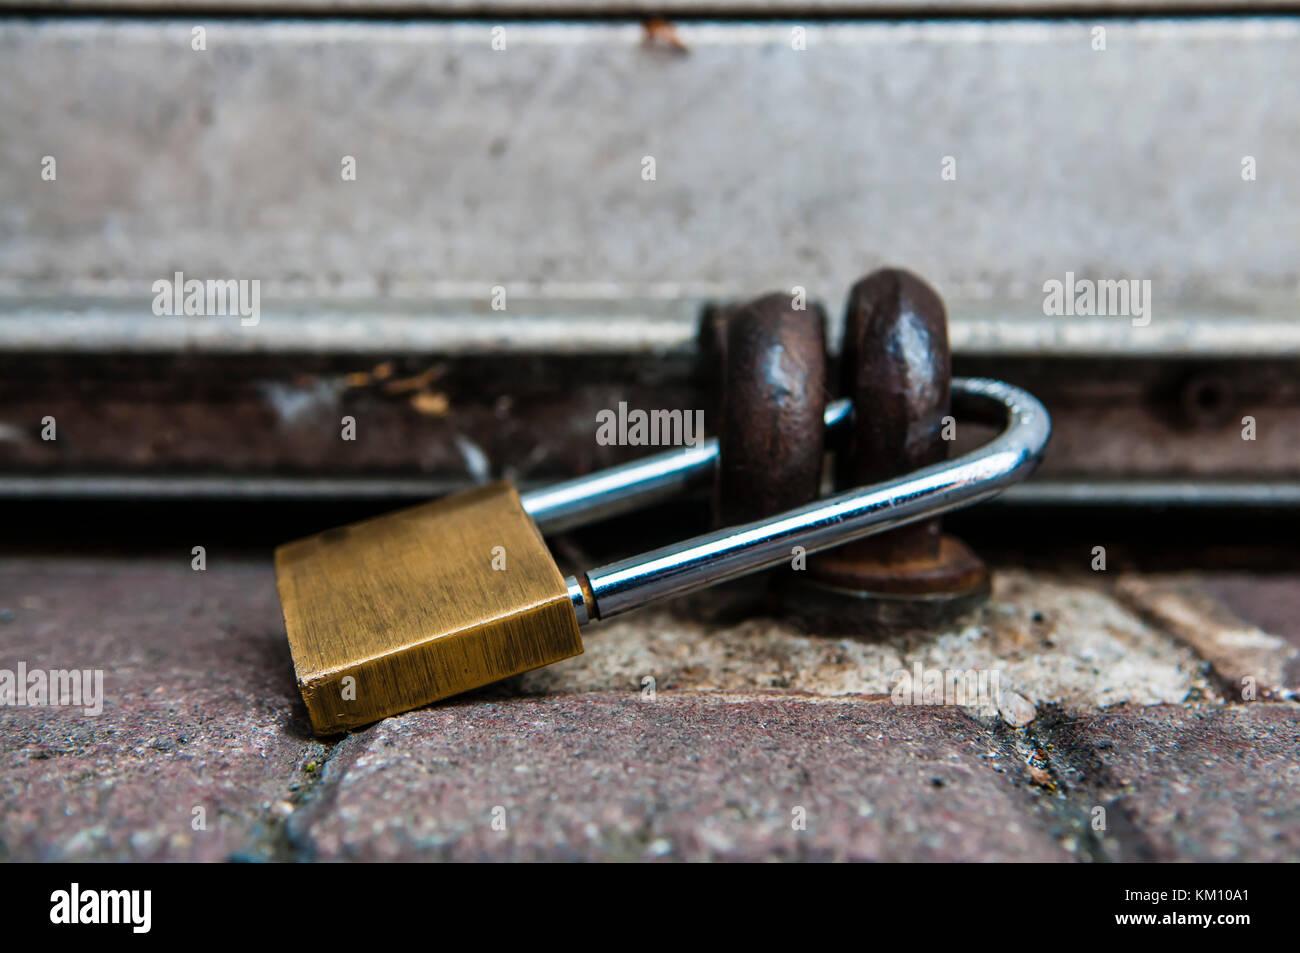 Fijación de candado el obturador de una tienda. Imagen De Stock